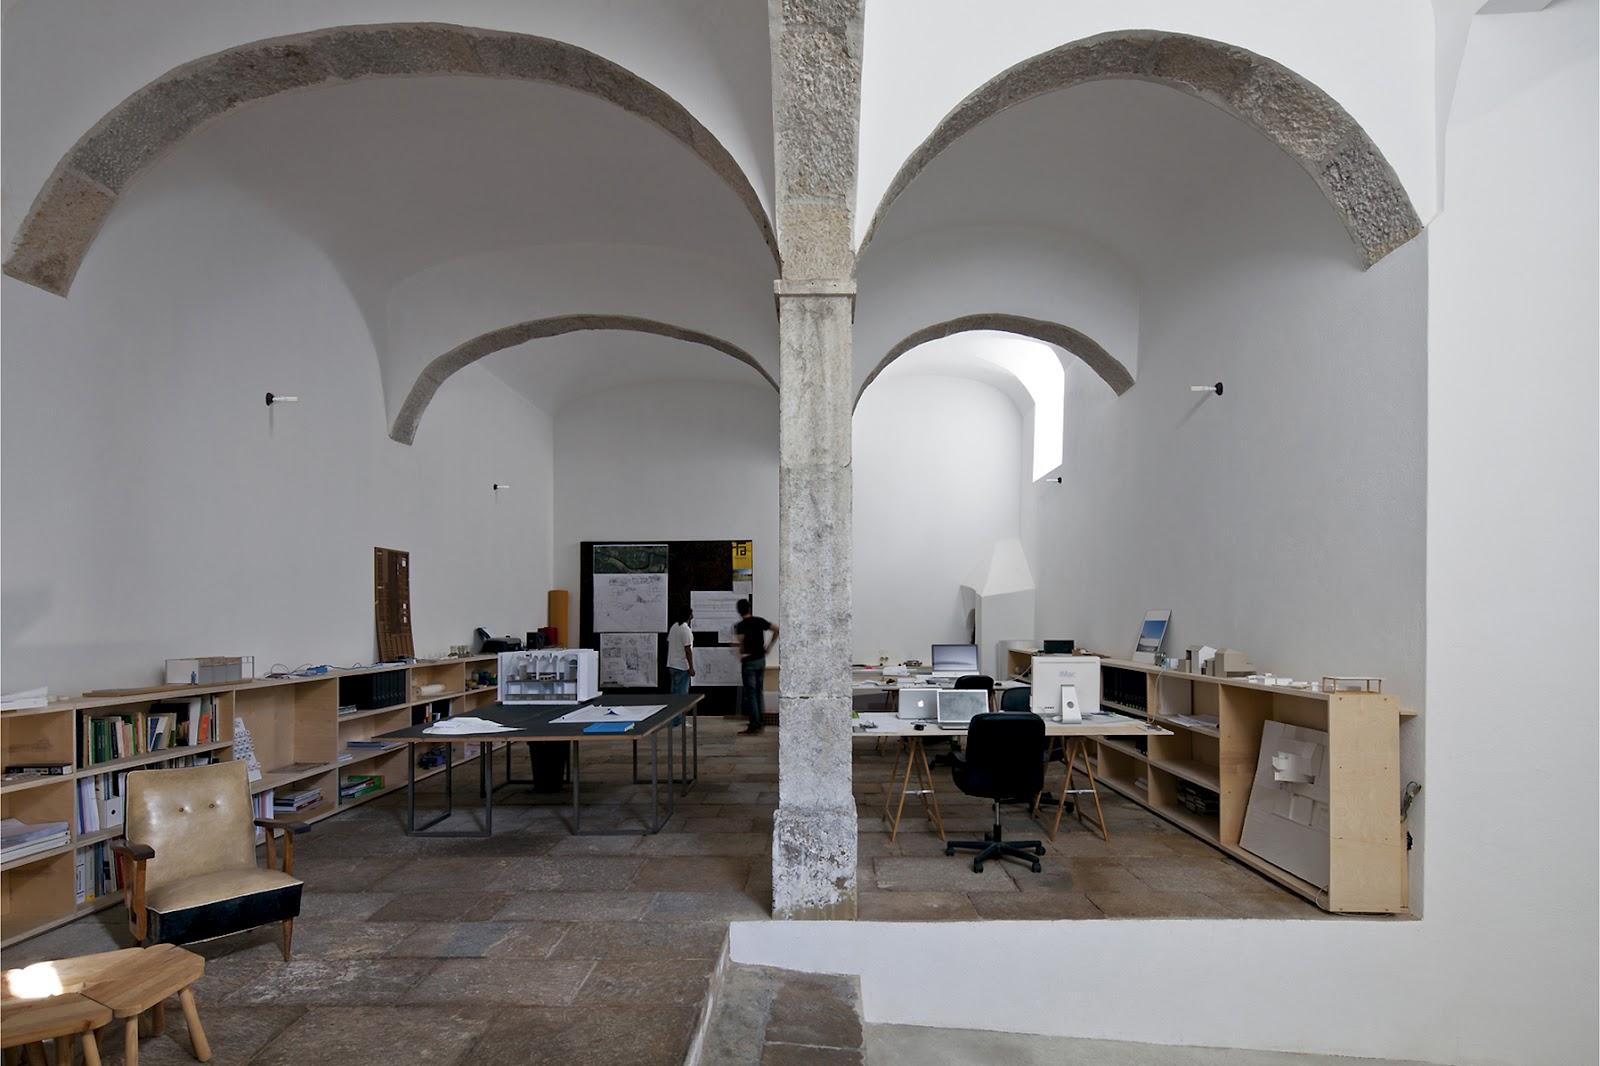 Estudio paratelier de paratelier arquitectura y dise o for Estudio de arquitectura y diseno